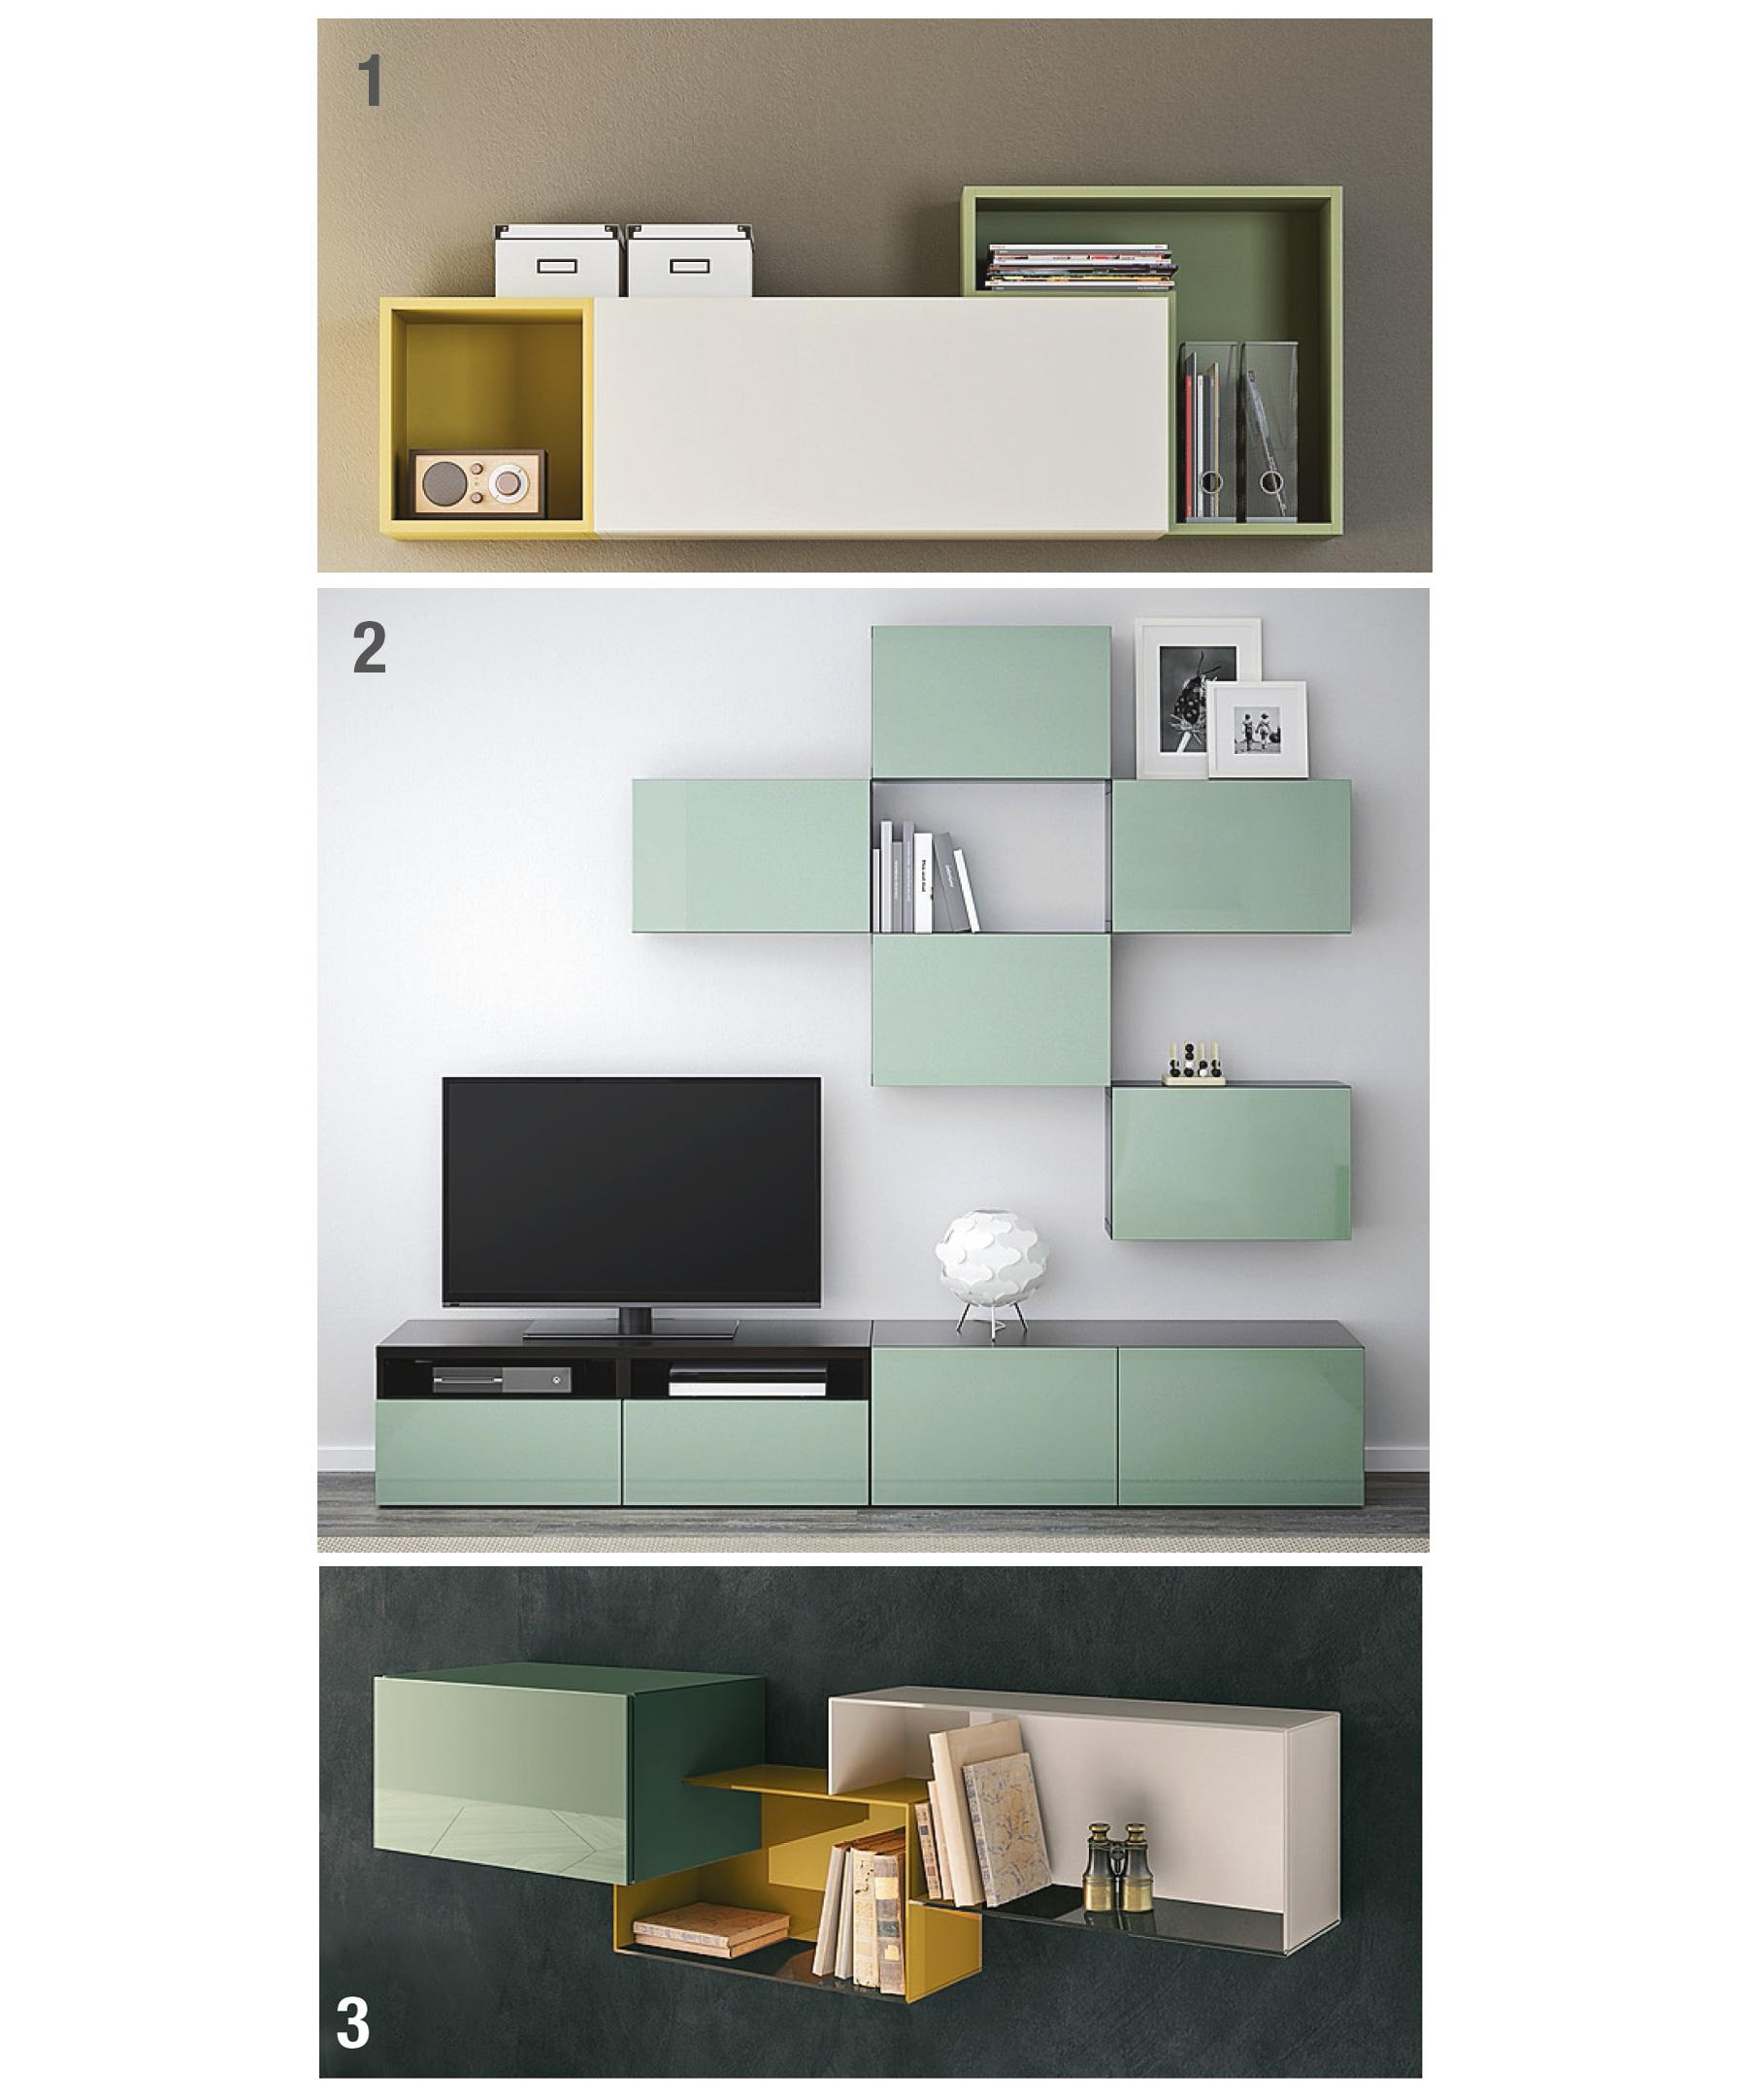 Libreria Da Parete Ikea mobili sospesi: contenitori easy a parete - cose di casa